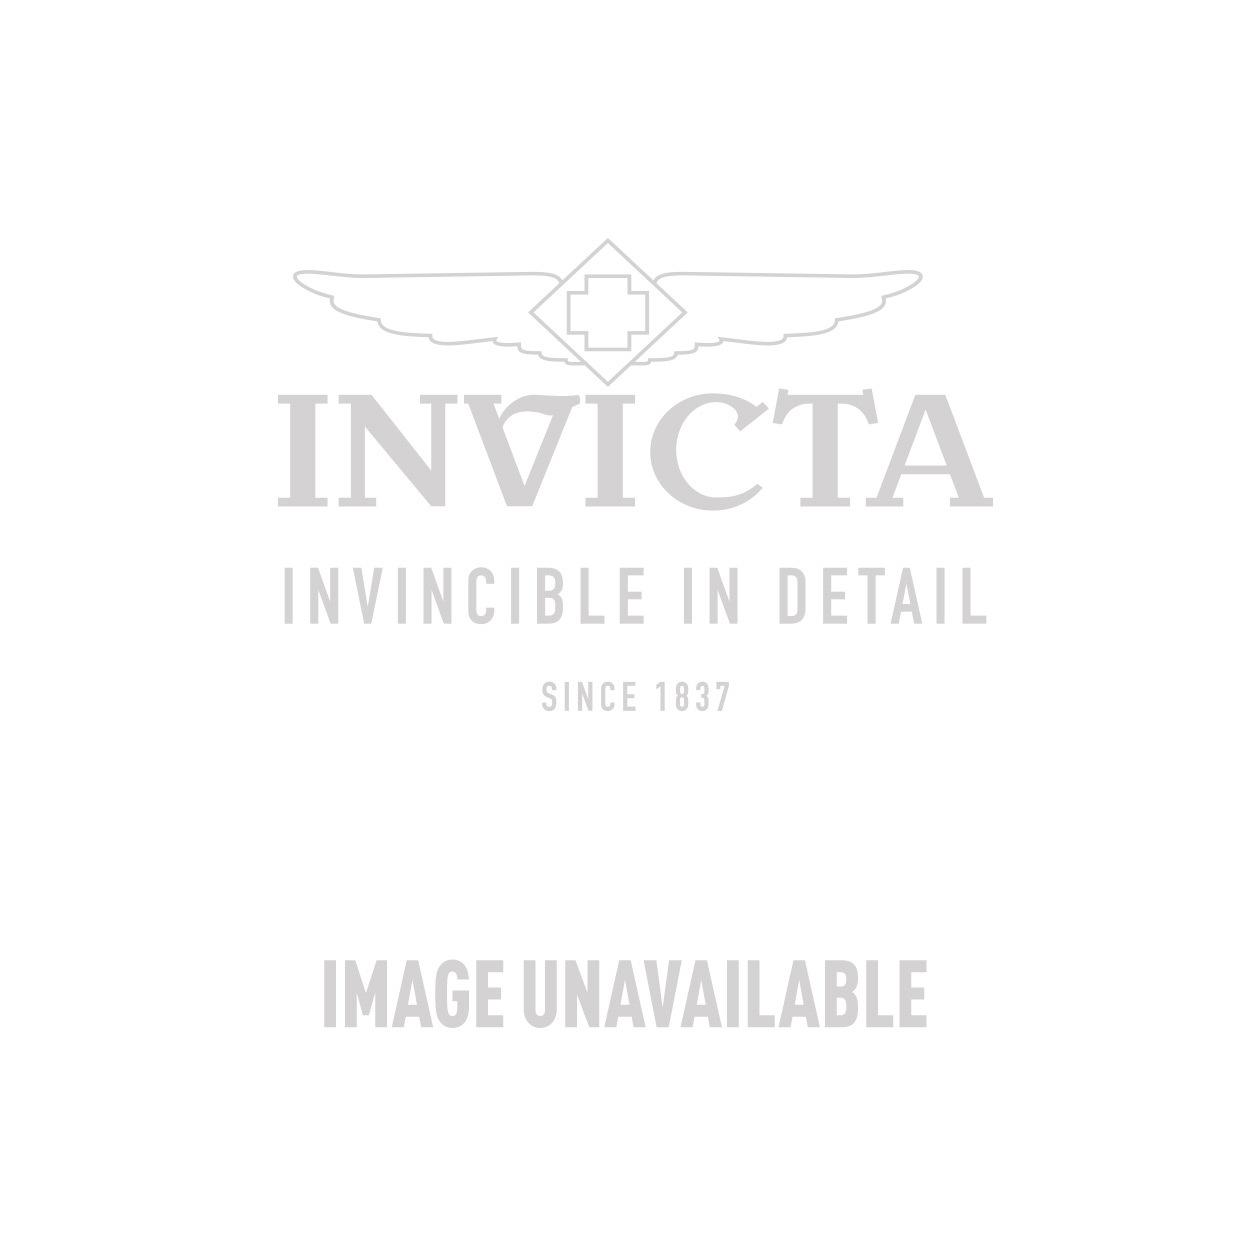 Invicta Model 28248